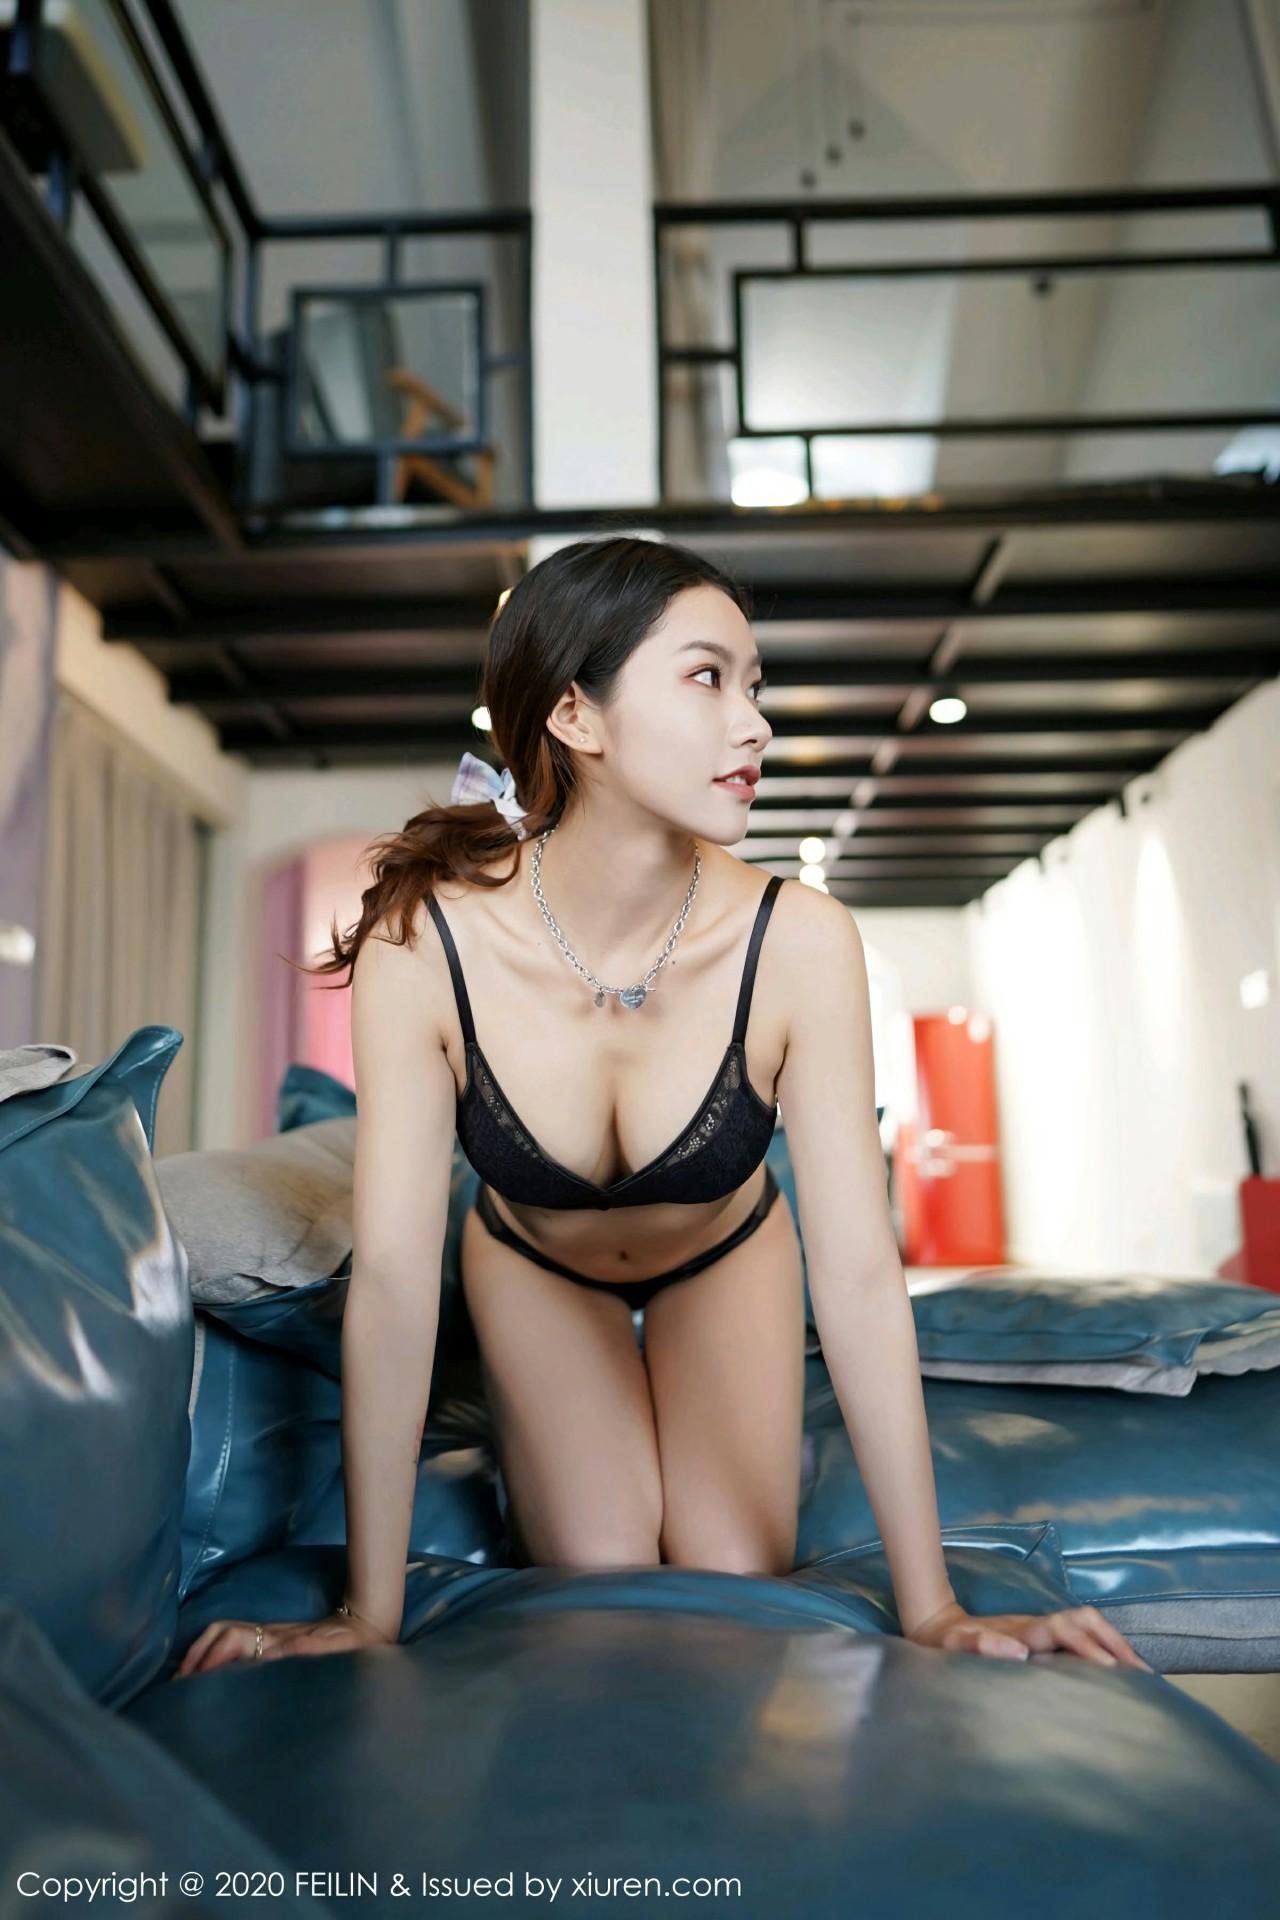 [FEILIN嗲囡囡] 2020.11.24 No.354 方子萱 第2张